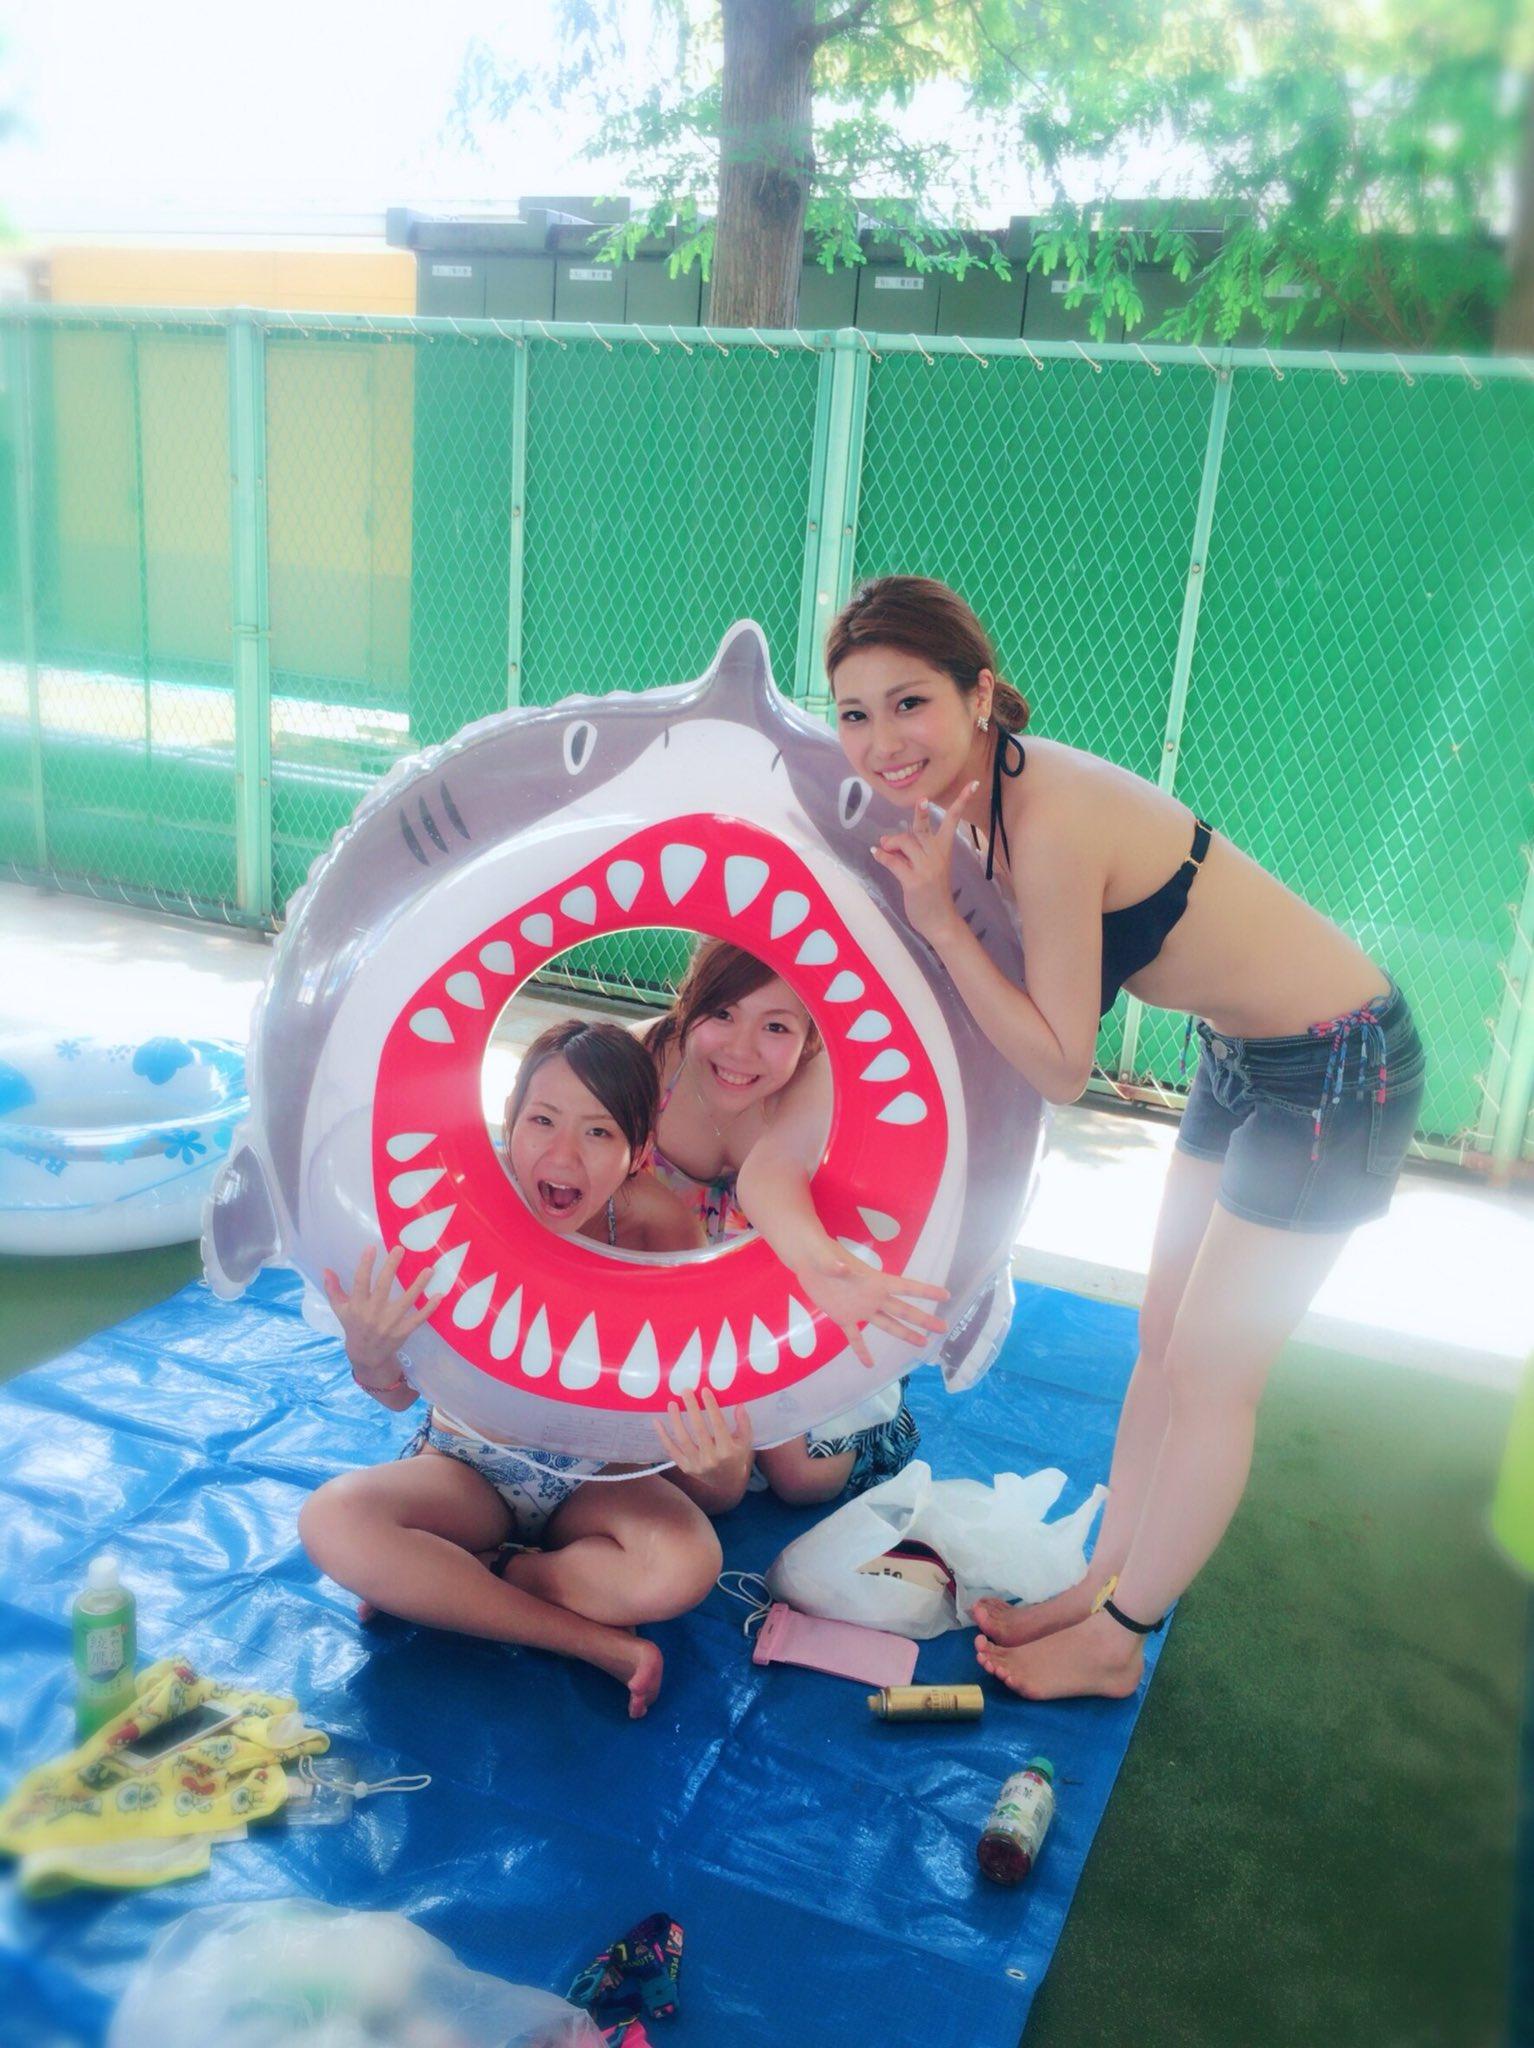 素人の水着画像がぐうシコでマジ感謝wwwwwwwwwwww R5r3j5Q